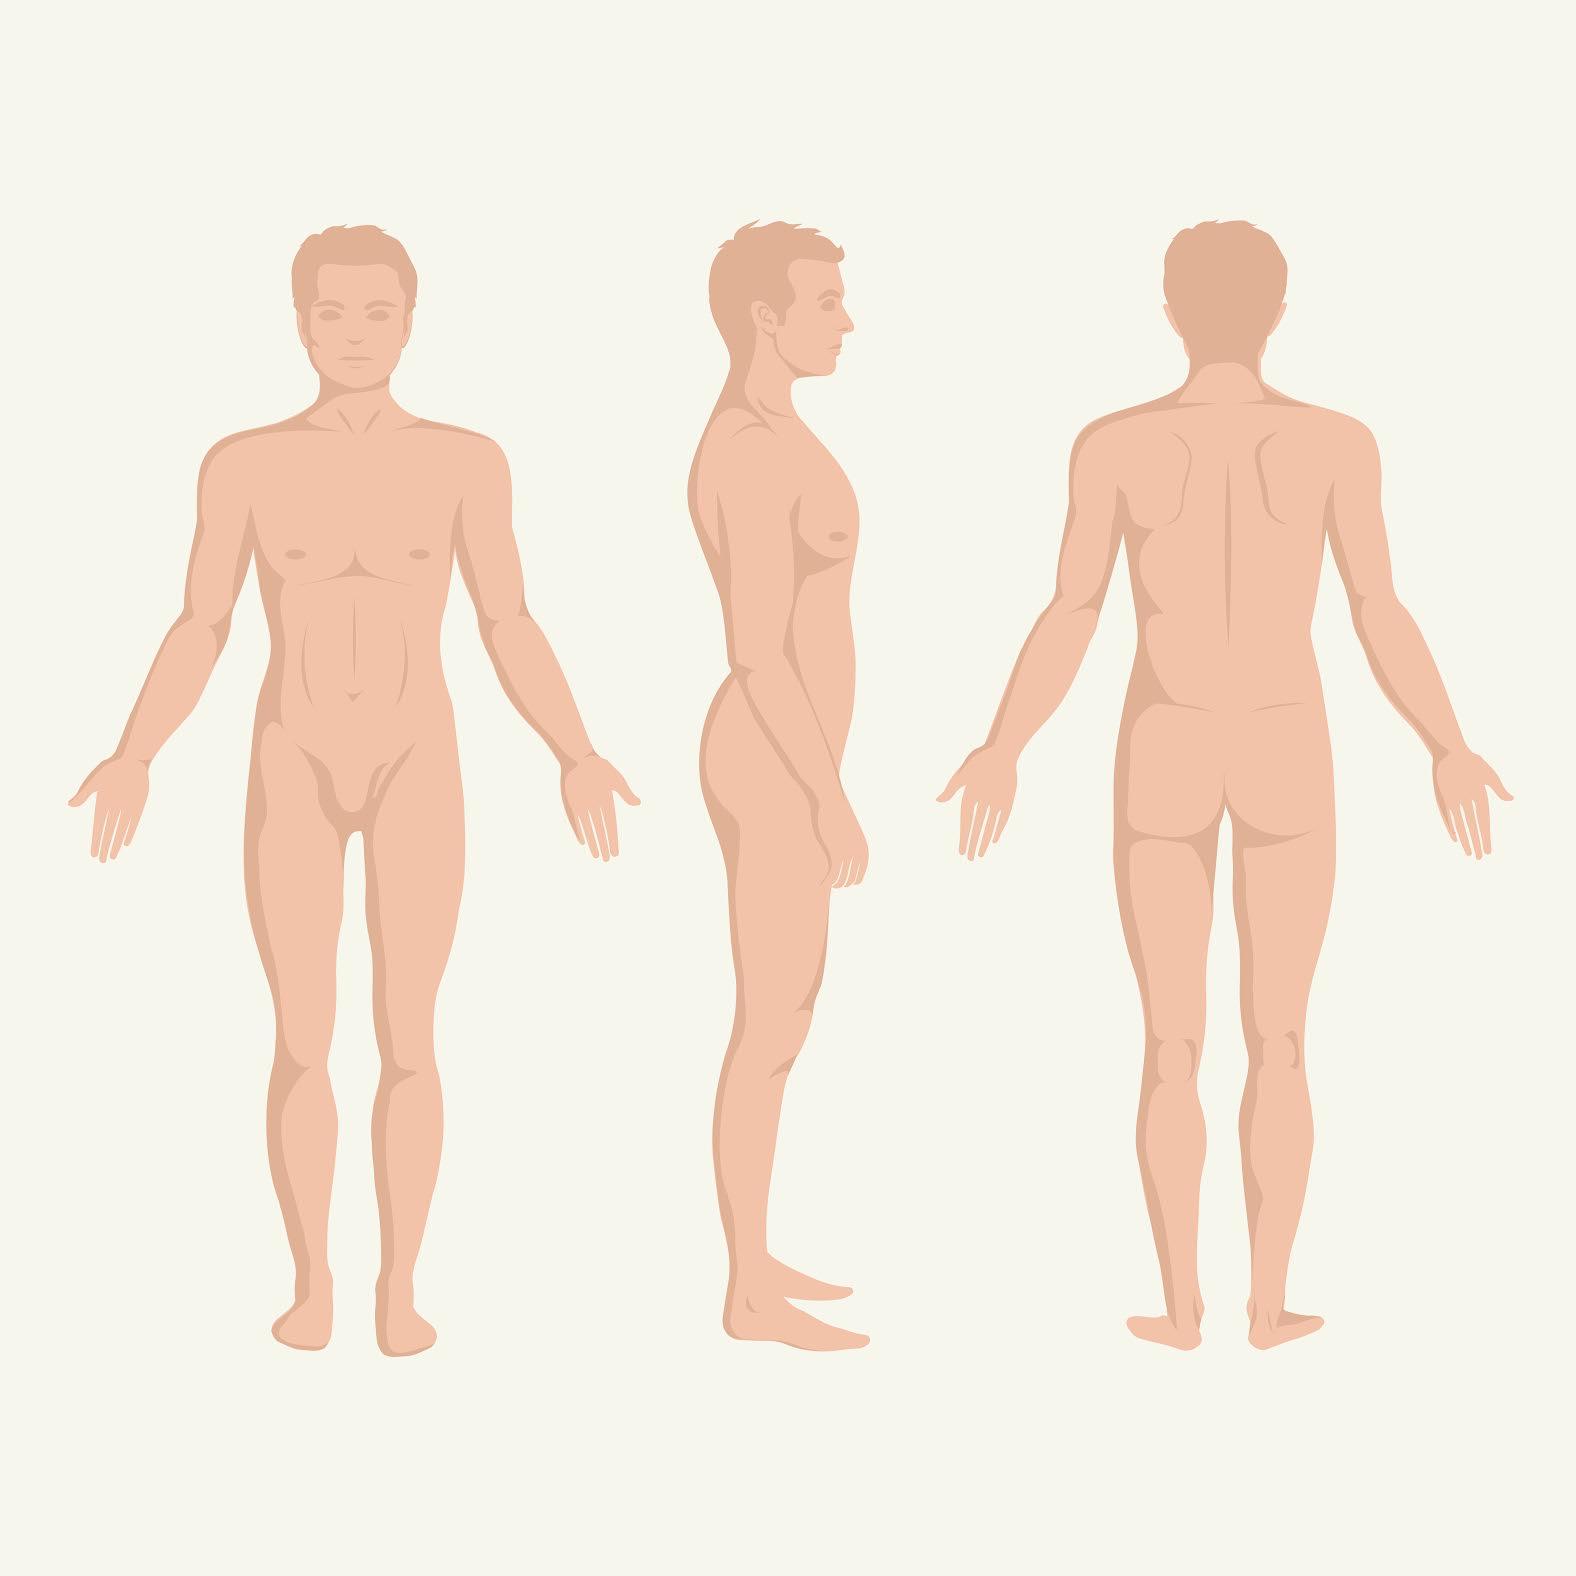 numărul de erecții cum să consolidați exercițiile de erecție